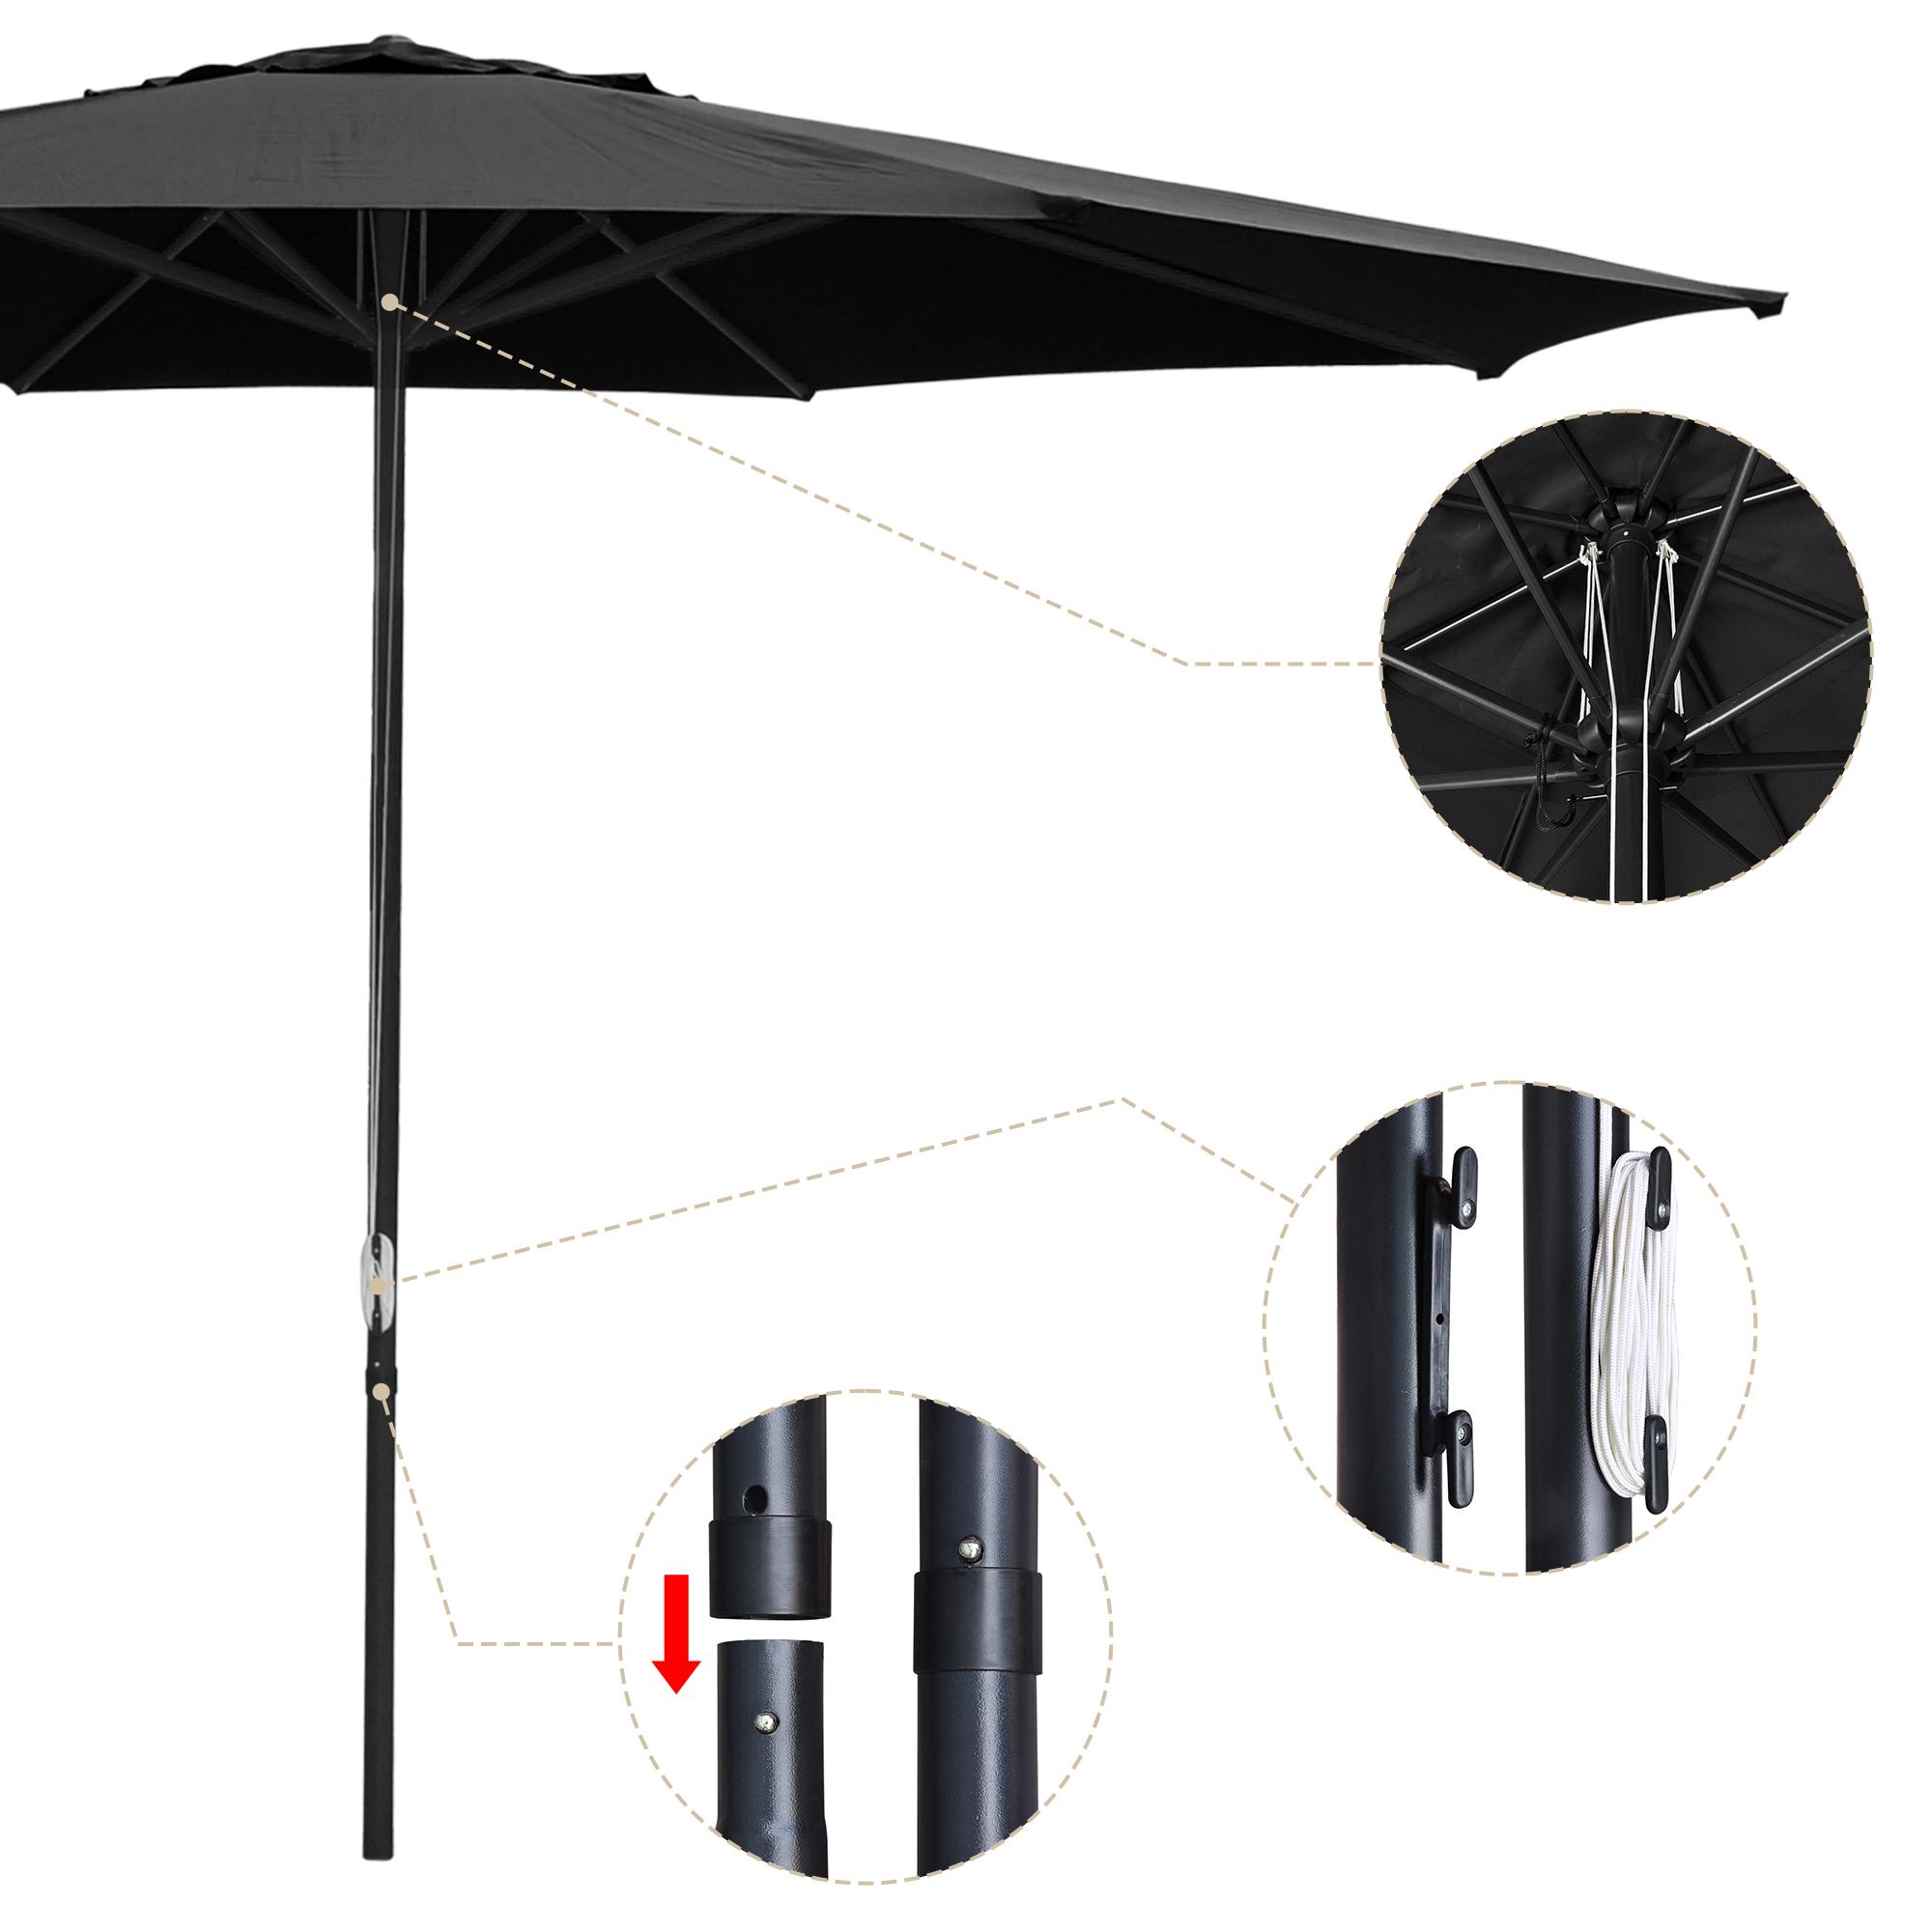 thumbnail 46 - 13' FT Sun Shade Patio Aluminum Umbrella UV30+ Outdoor Market Garden Beach Deck